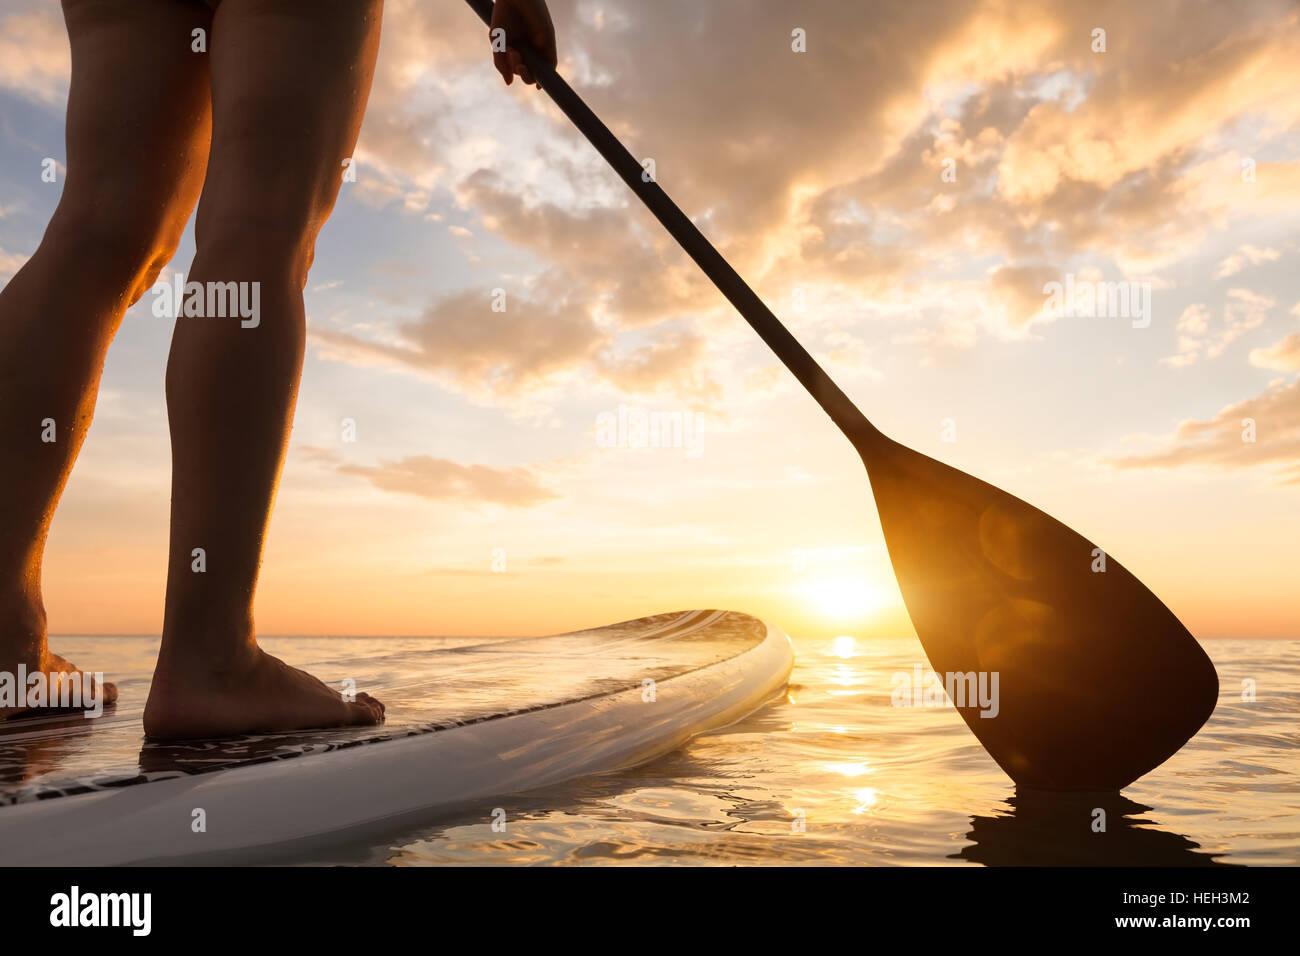 Paddle boarding auf einem ruhigen See mit warmen Sommerfarben Sonnenuntergang, Nahaufnahme Beine aufstehen Stockfoto